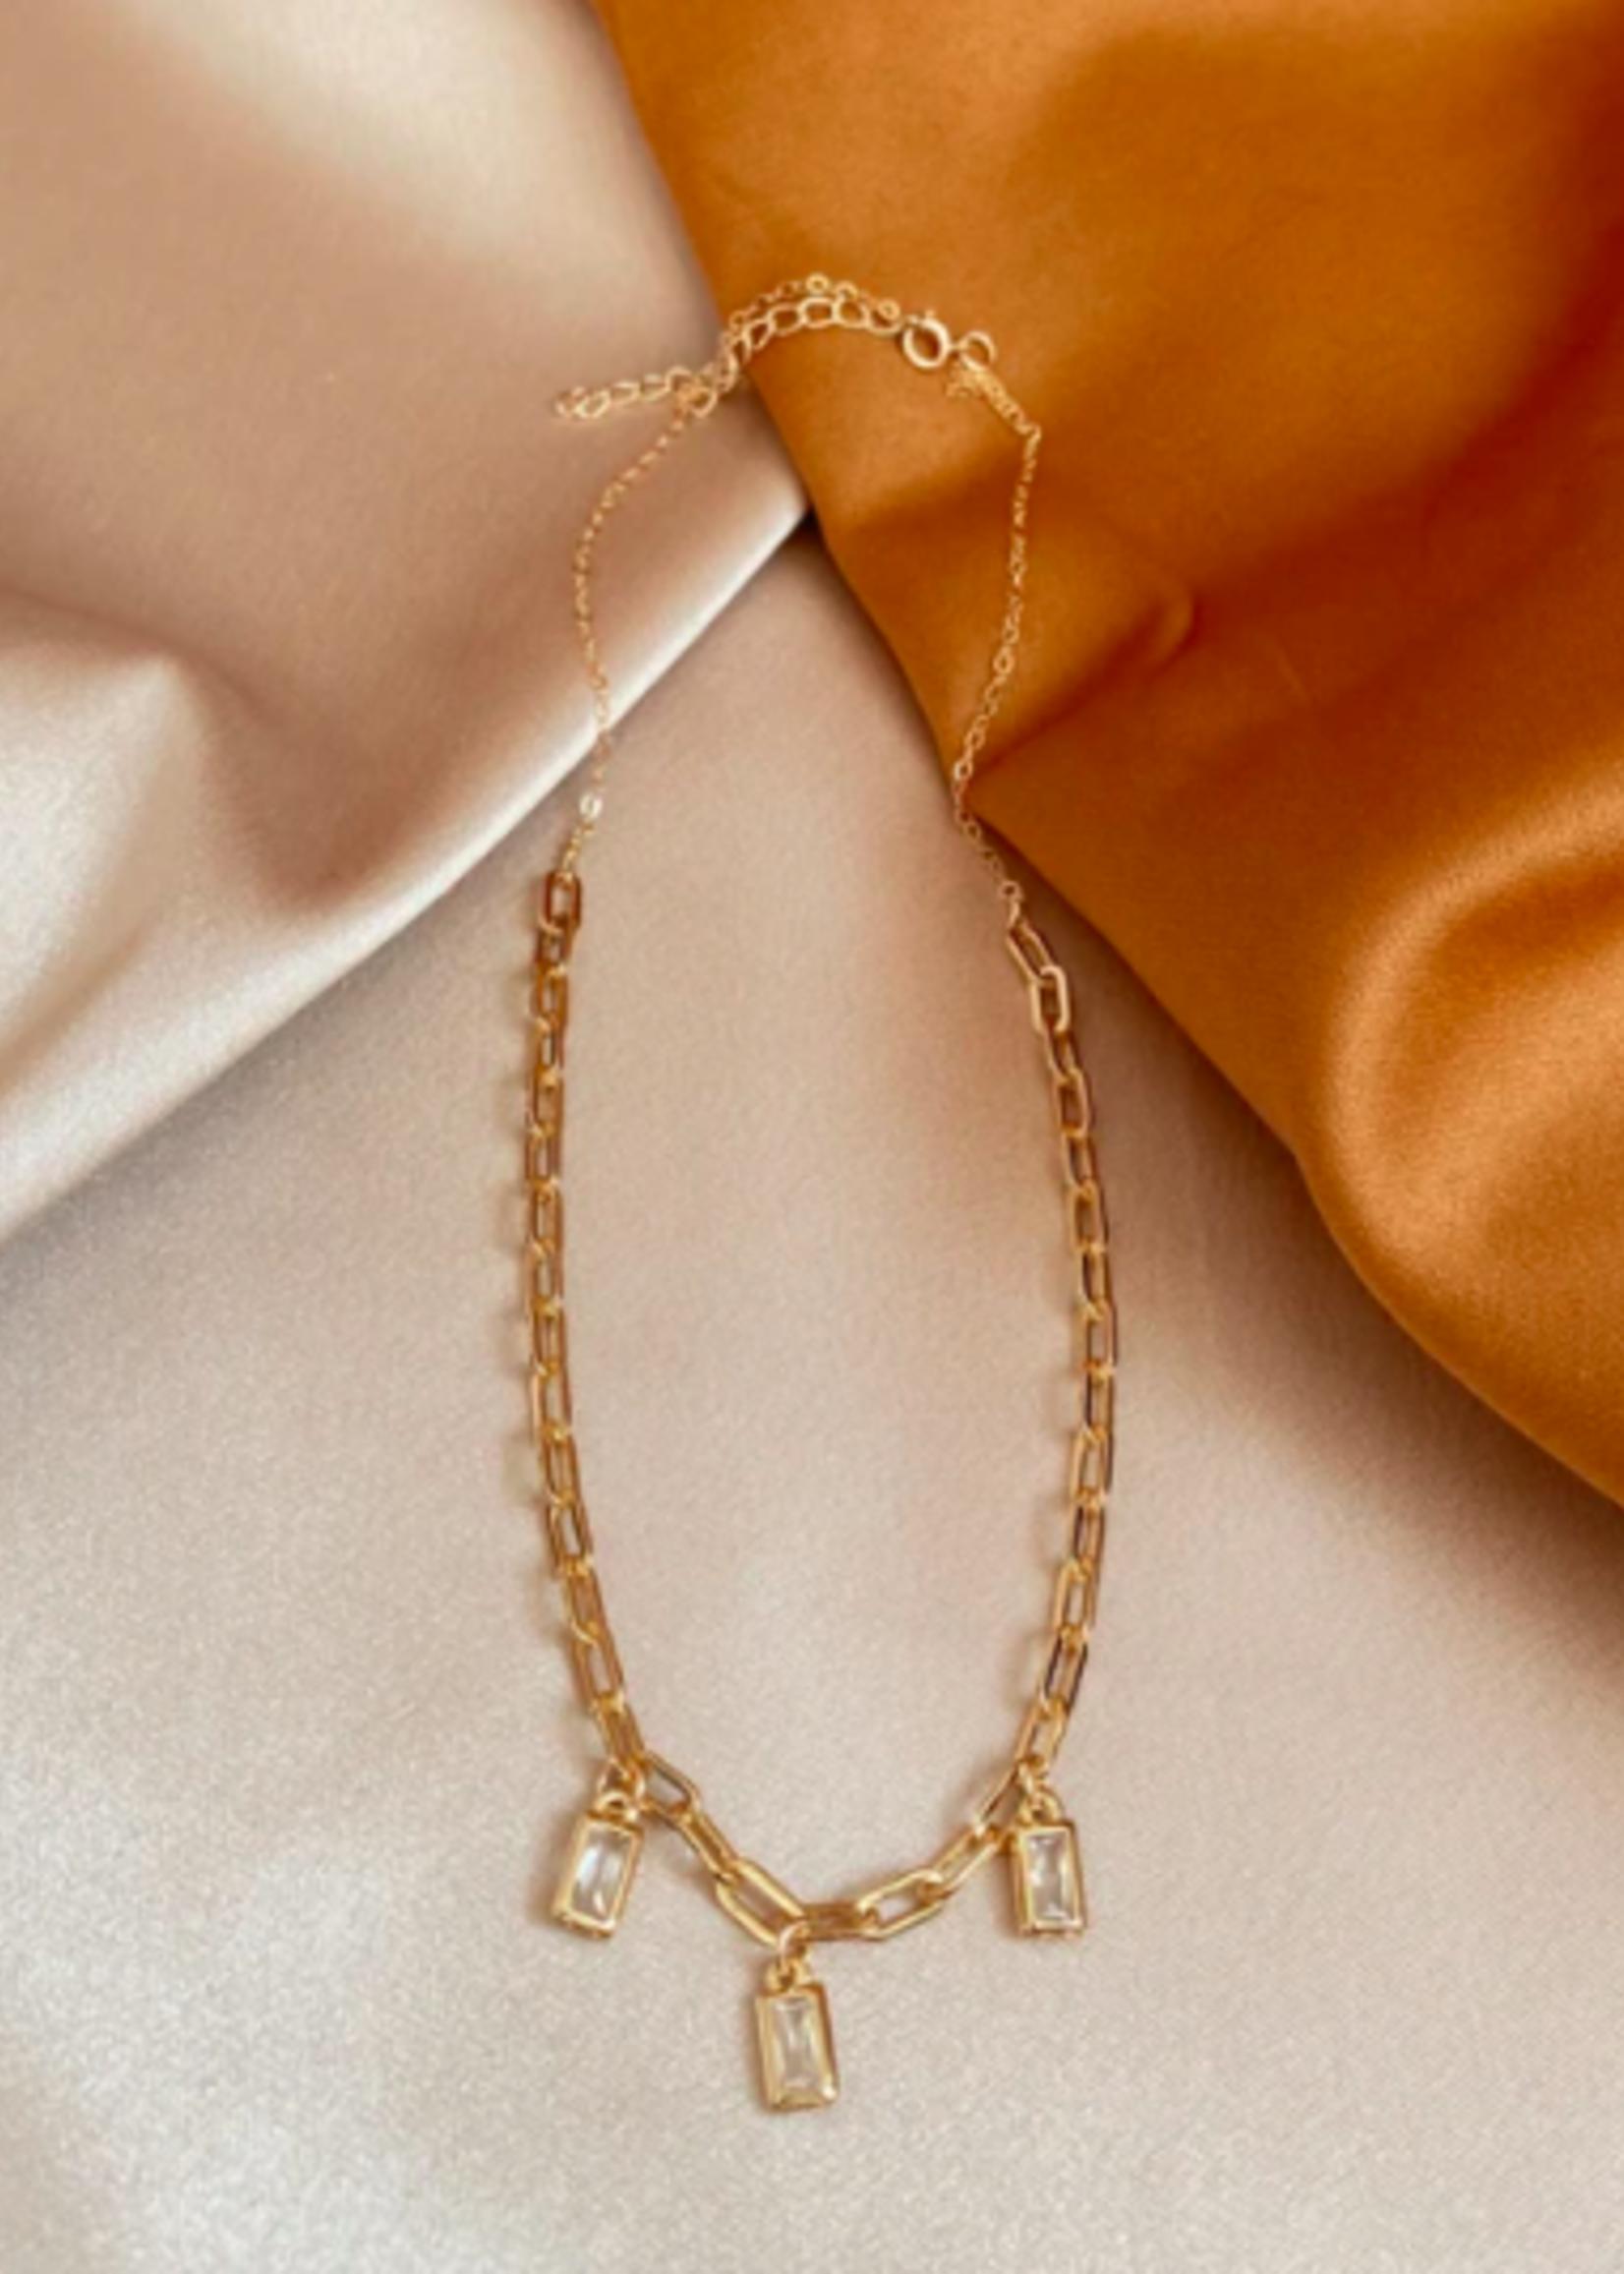 Bofemme Bofemme Shaker Necklace